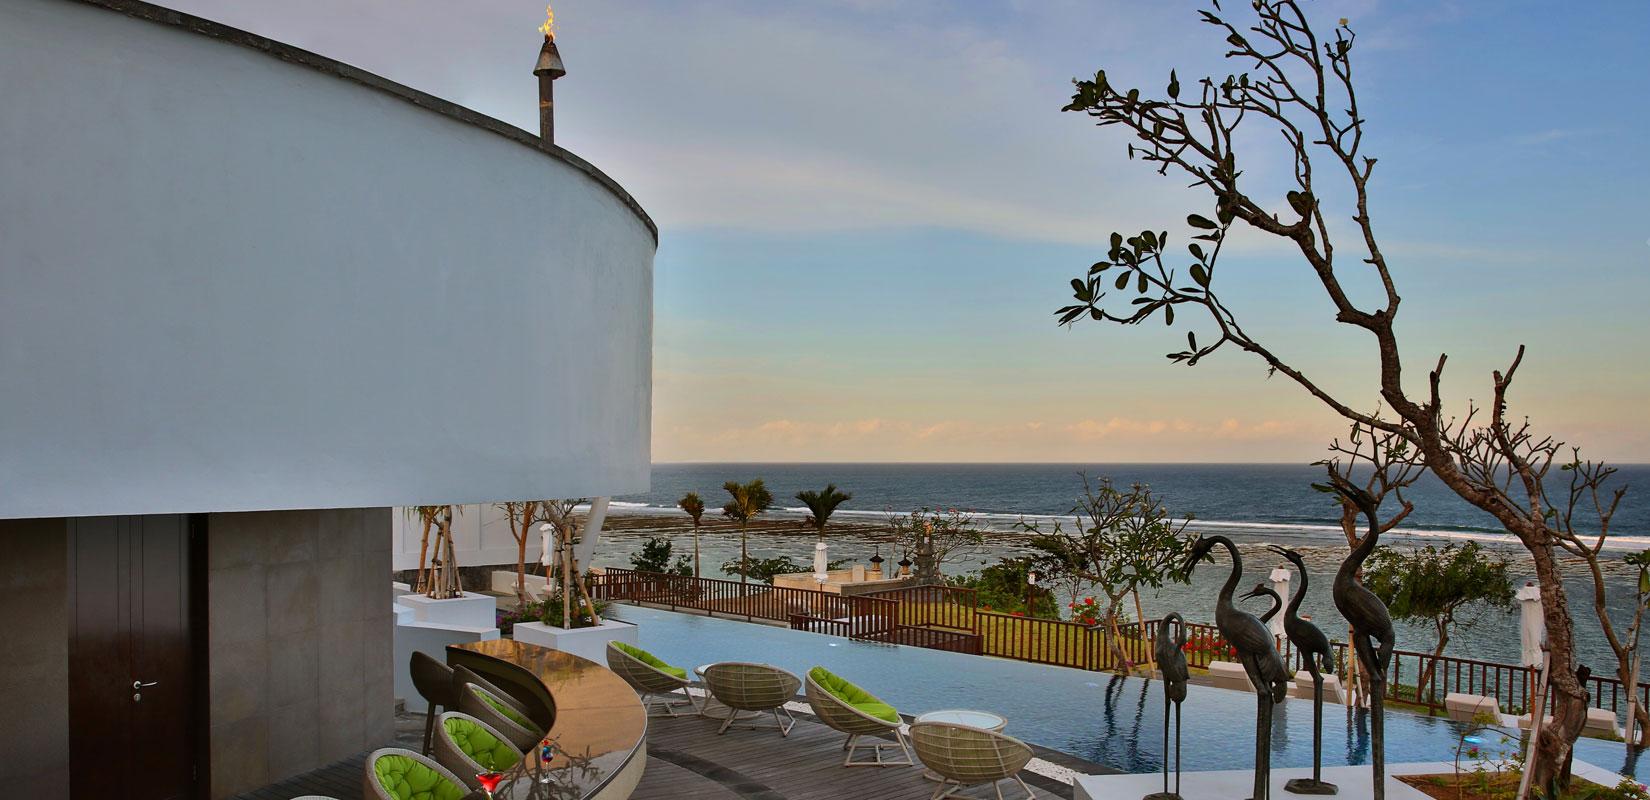 Необычная для о.Бали концепция Luxury All Inclusive: еда, напитки, развлечения, Wi-Fi, круглосуточный консьерж-сервис, эксклюзивные подарки от Samabe